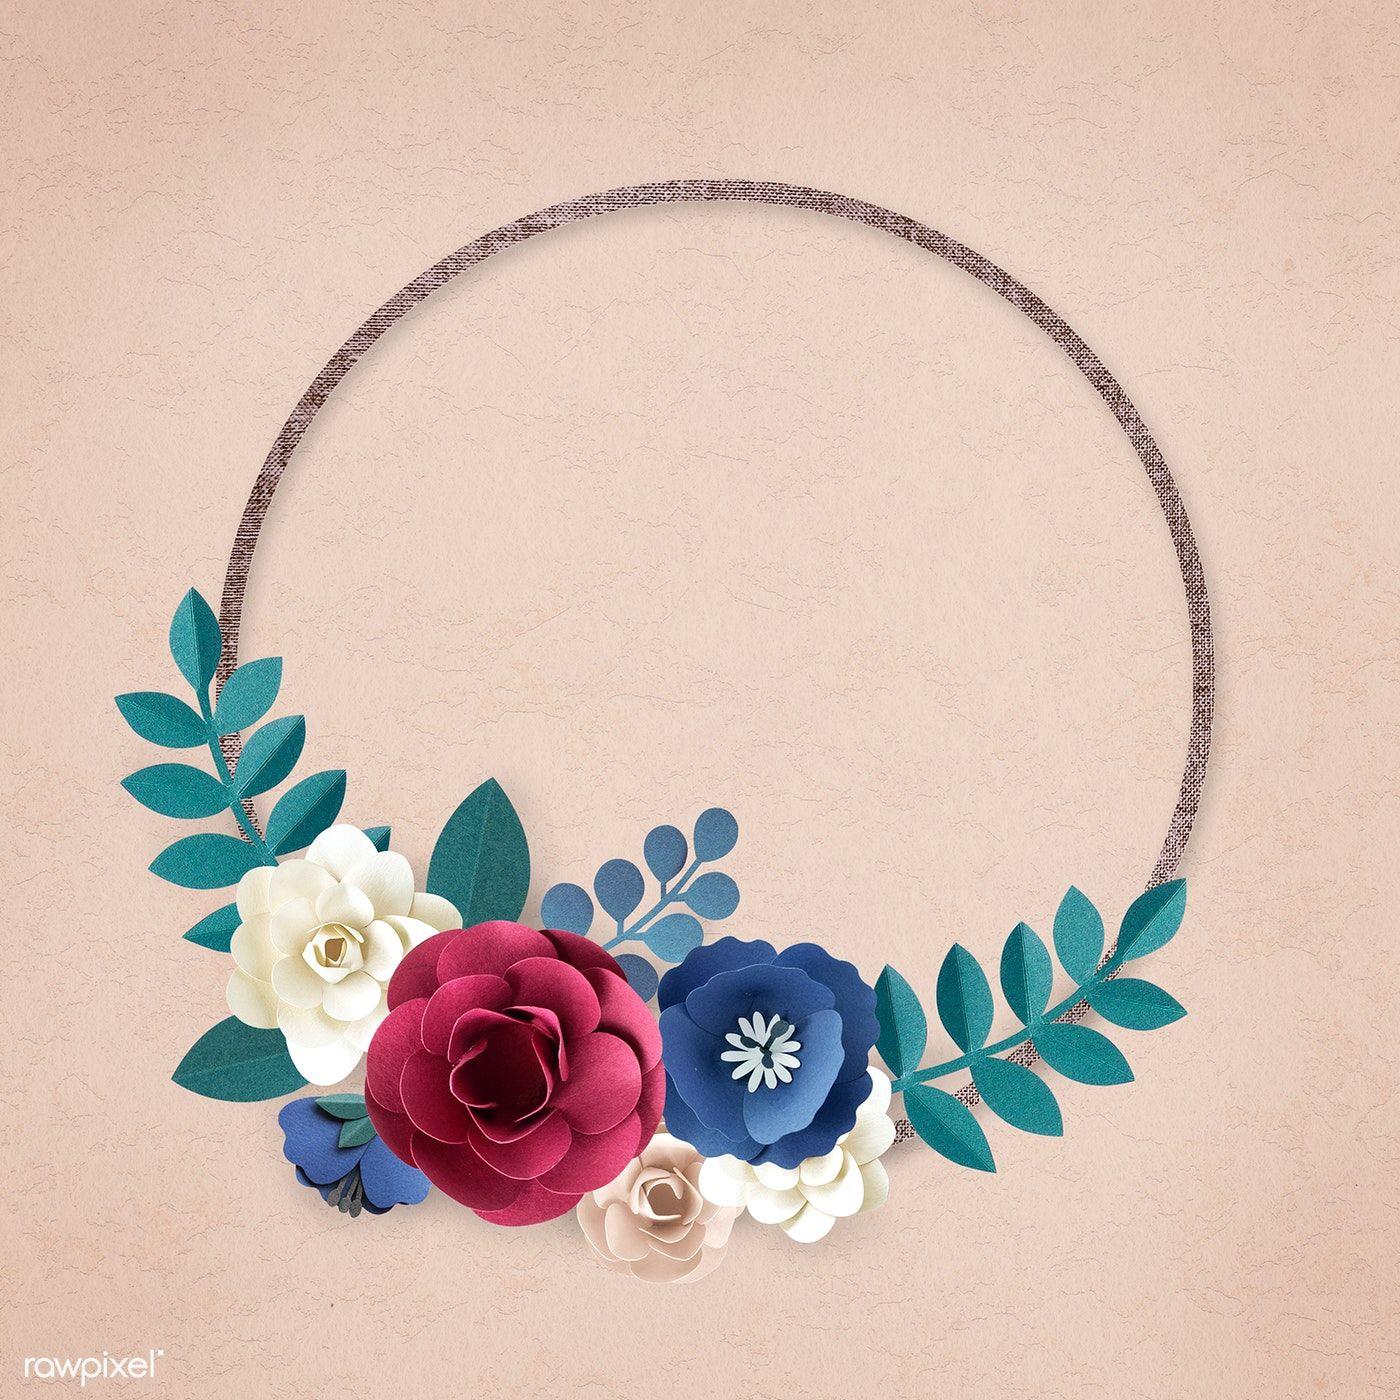 Download premium illustration of Round paper craft flower